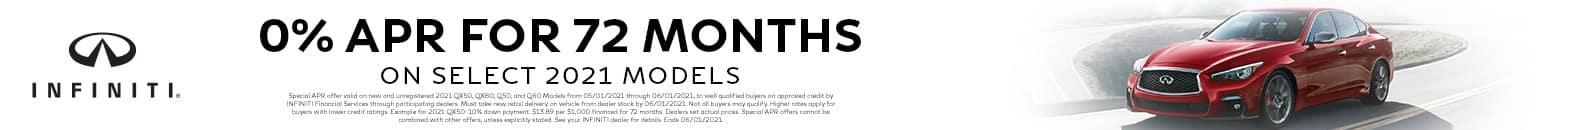 Get 0% APR For 72 Months | Bert Ogden INFINITI | Edinburg, TX